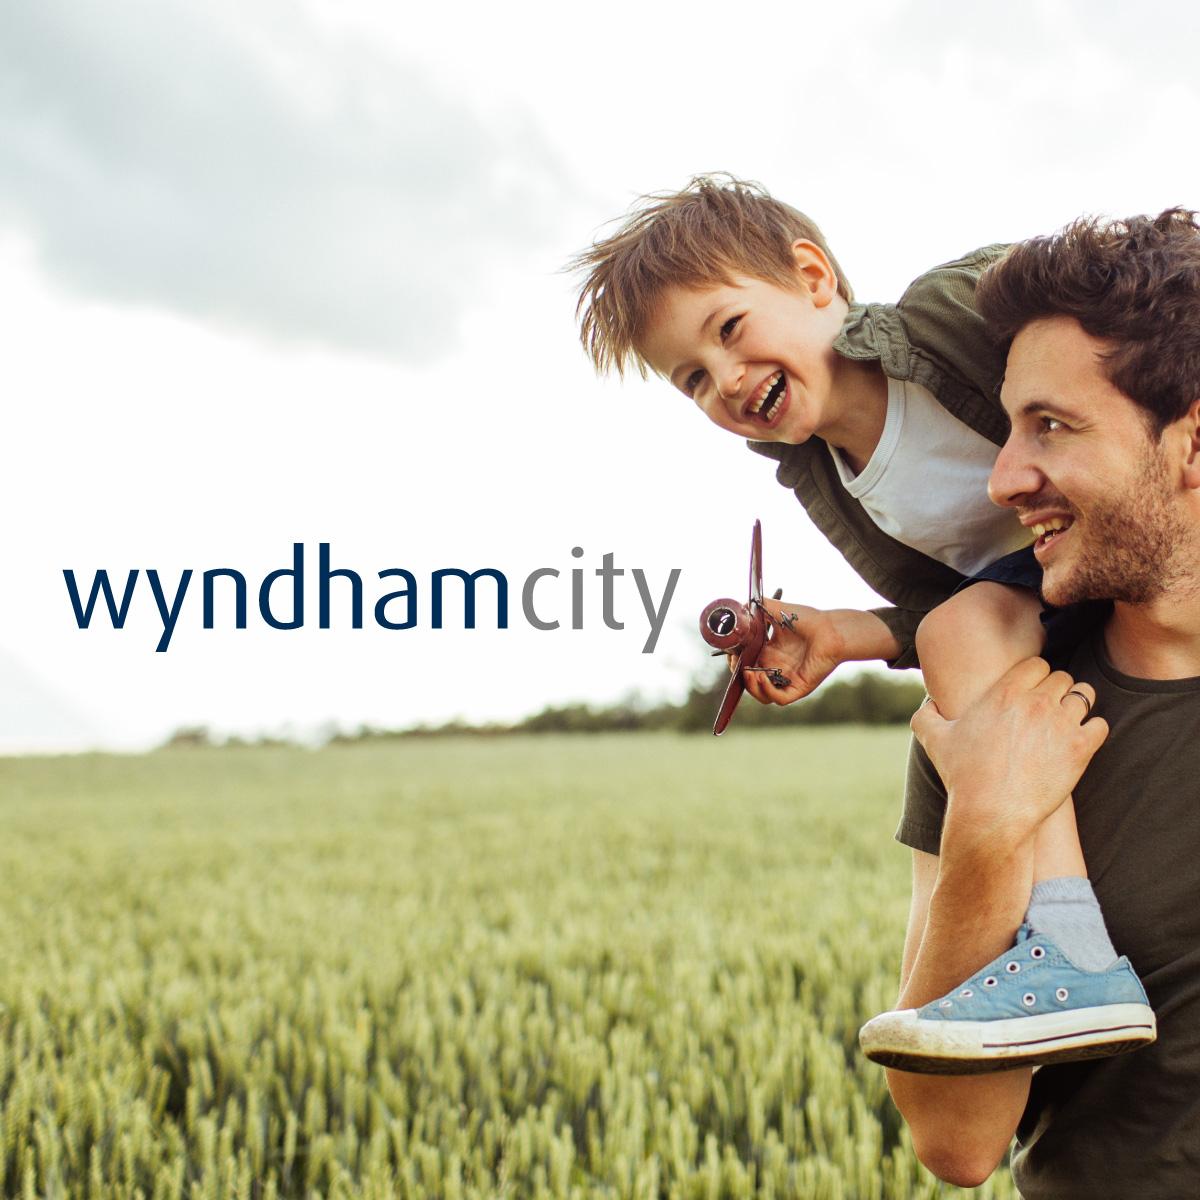 Wyndham City Brand Identity System